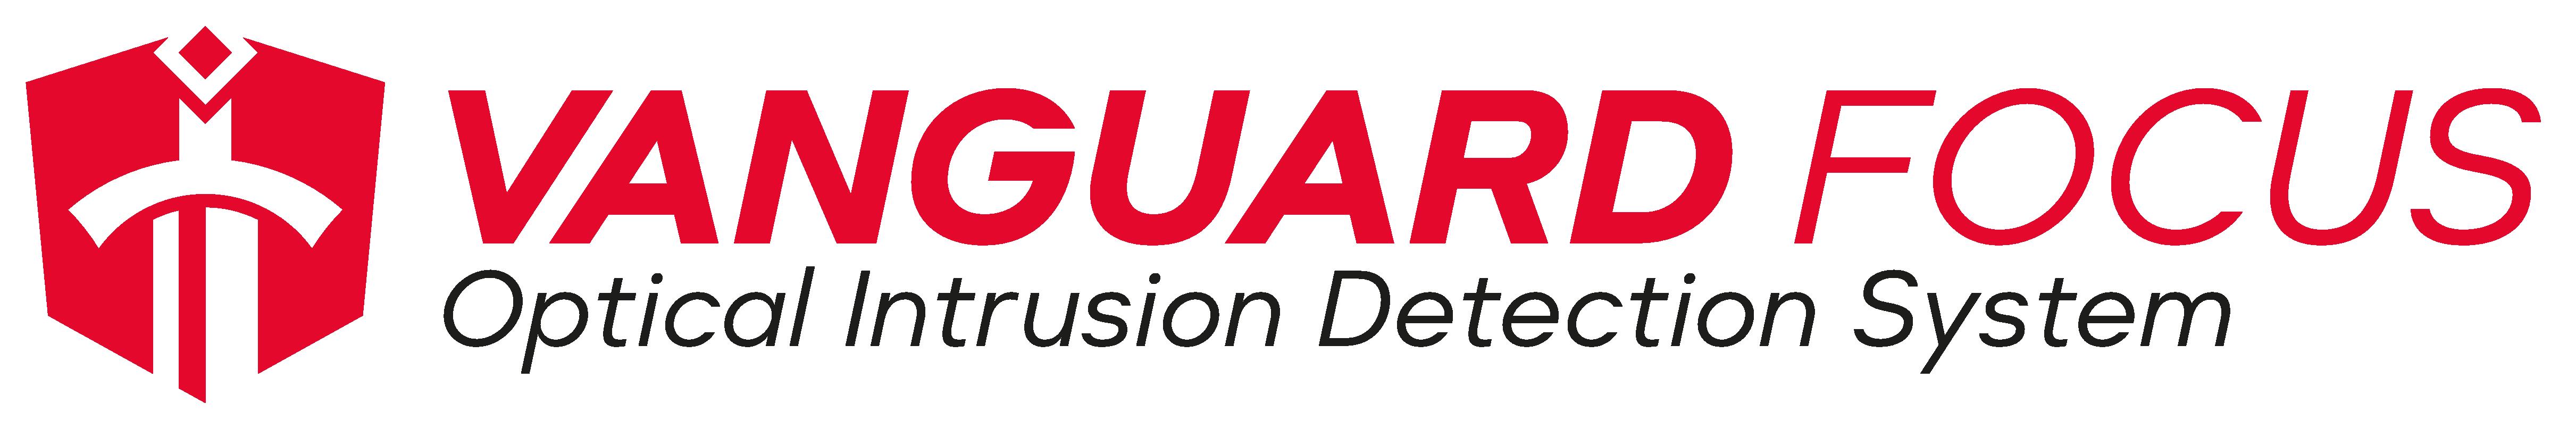 Vanguard Focus -Full Logo